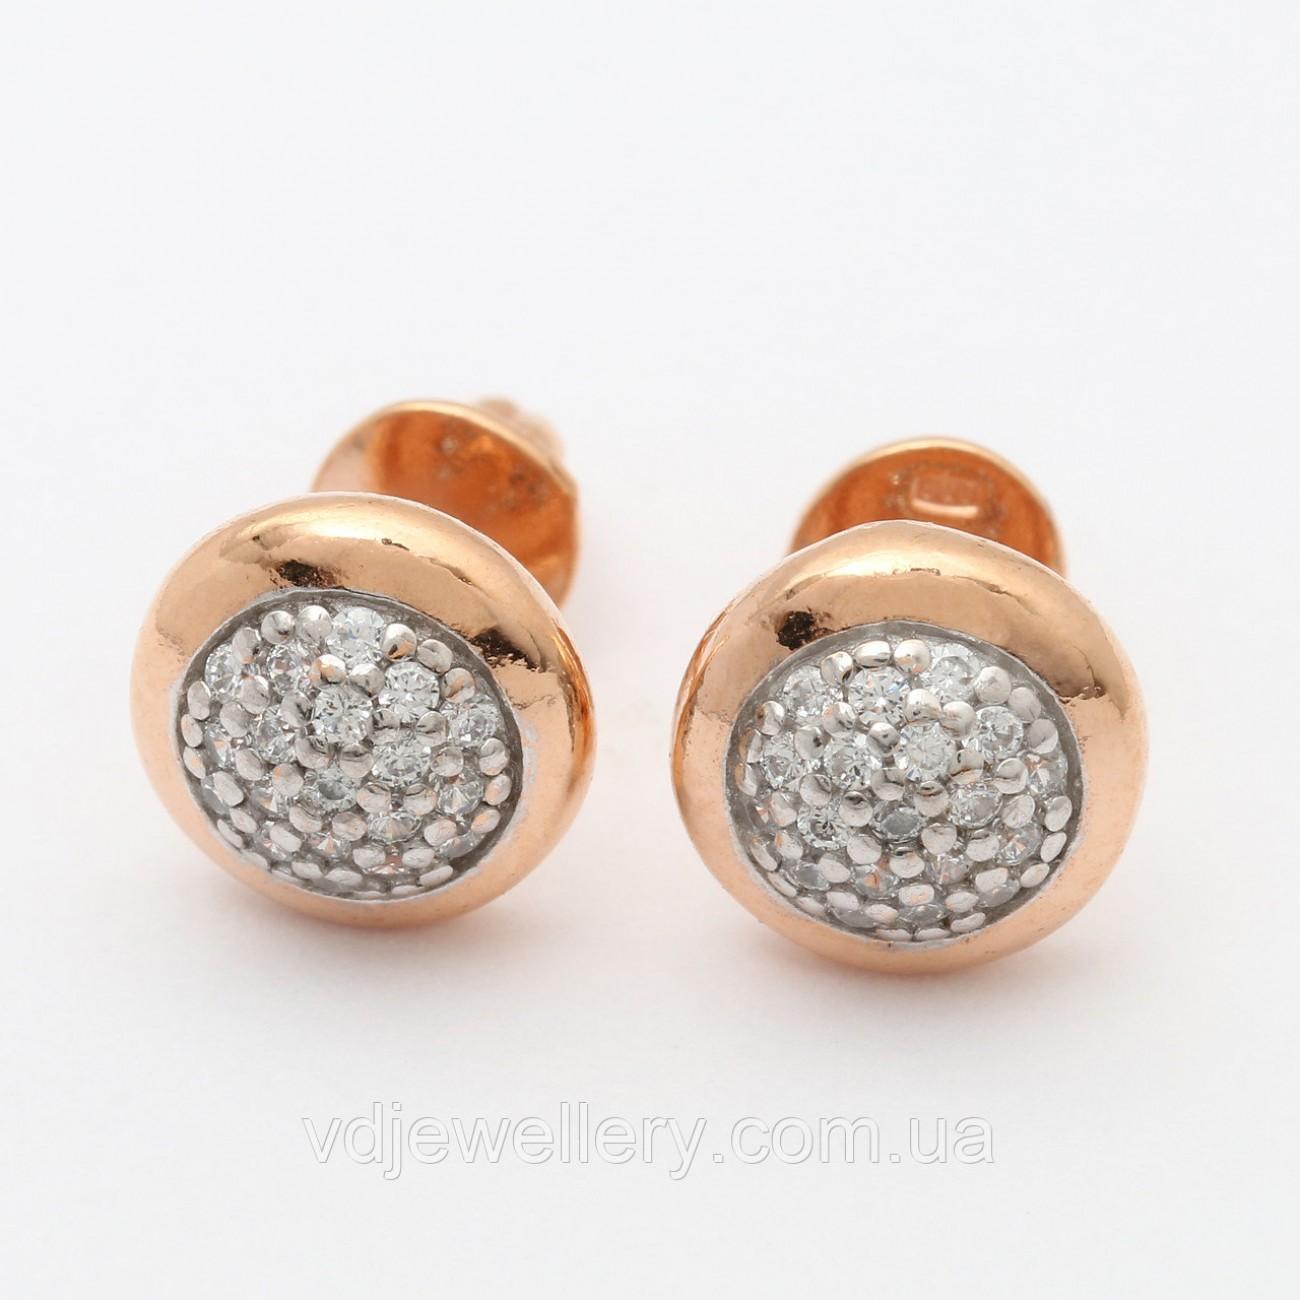 Серебряные позолоченные серьги СЖХ-164